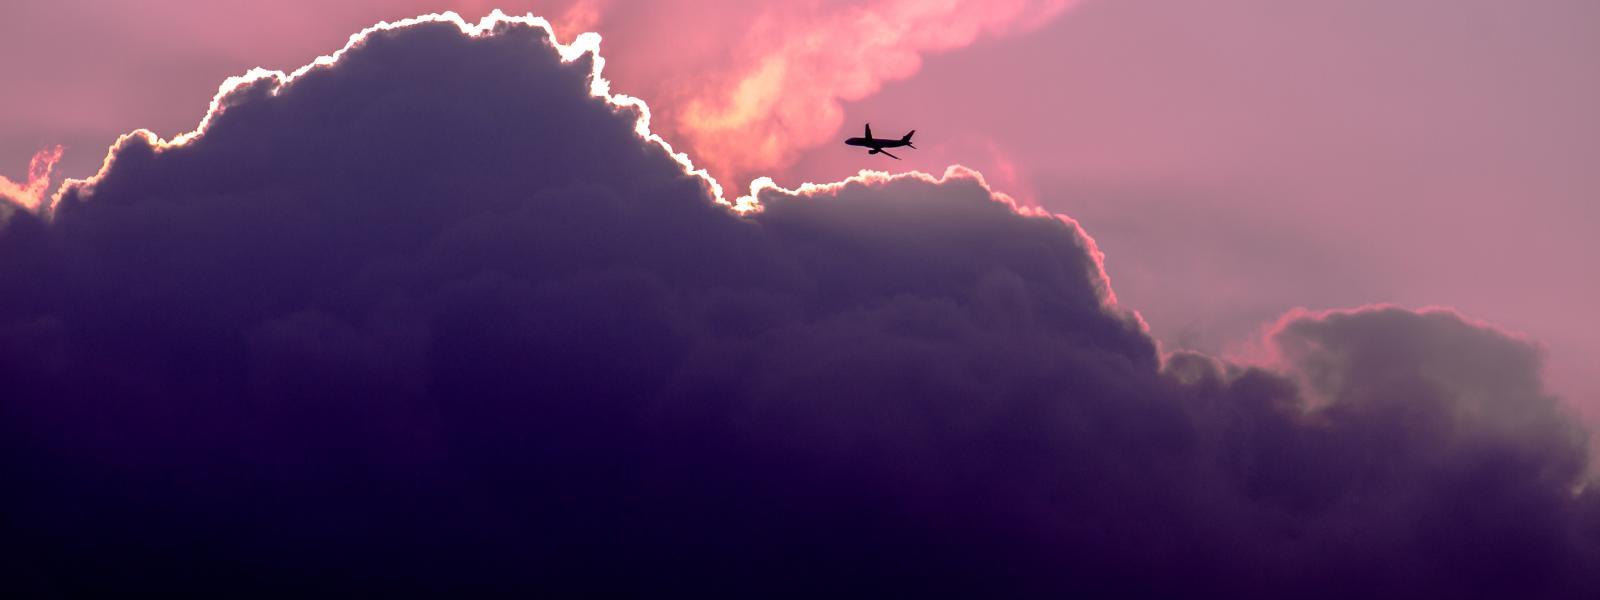 Airplane in pink skies